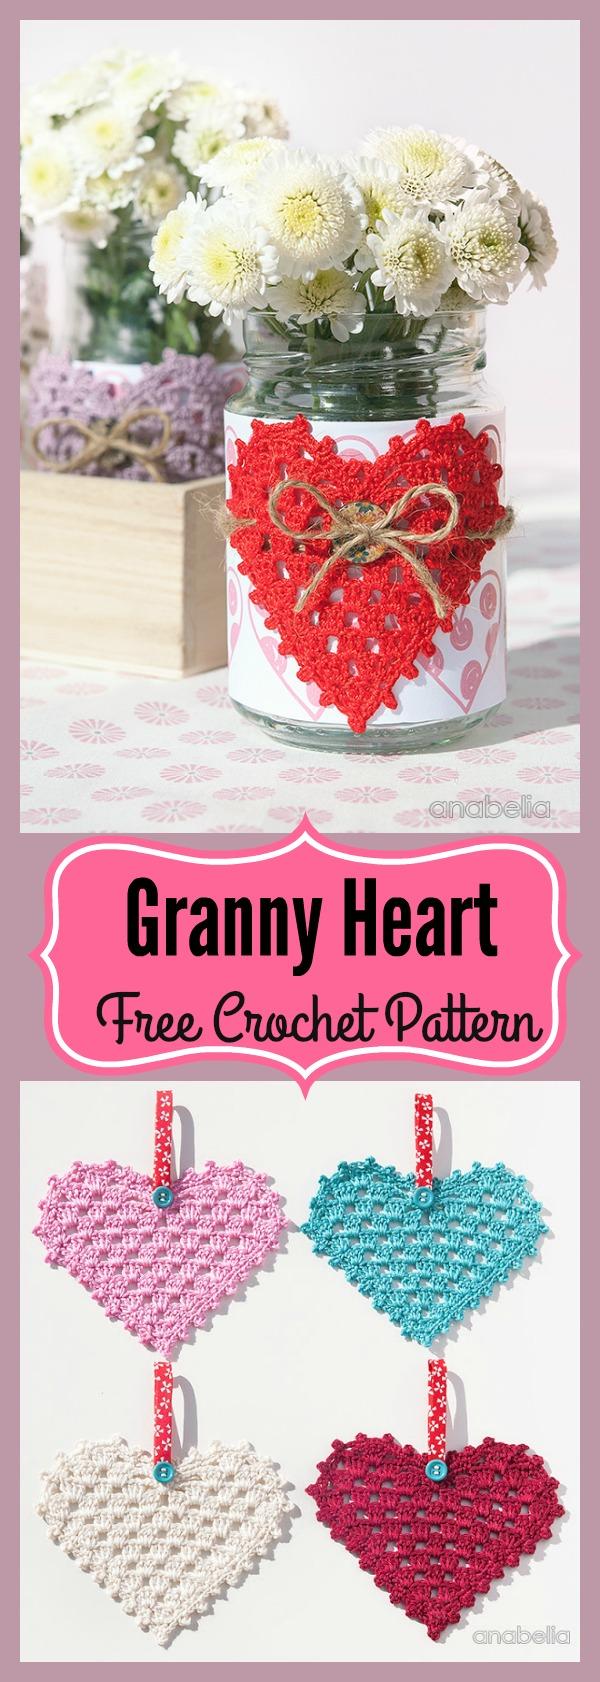 Granny Heart Free Crochet Pattern